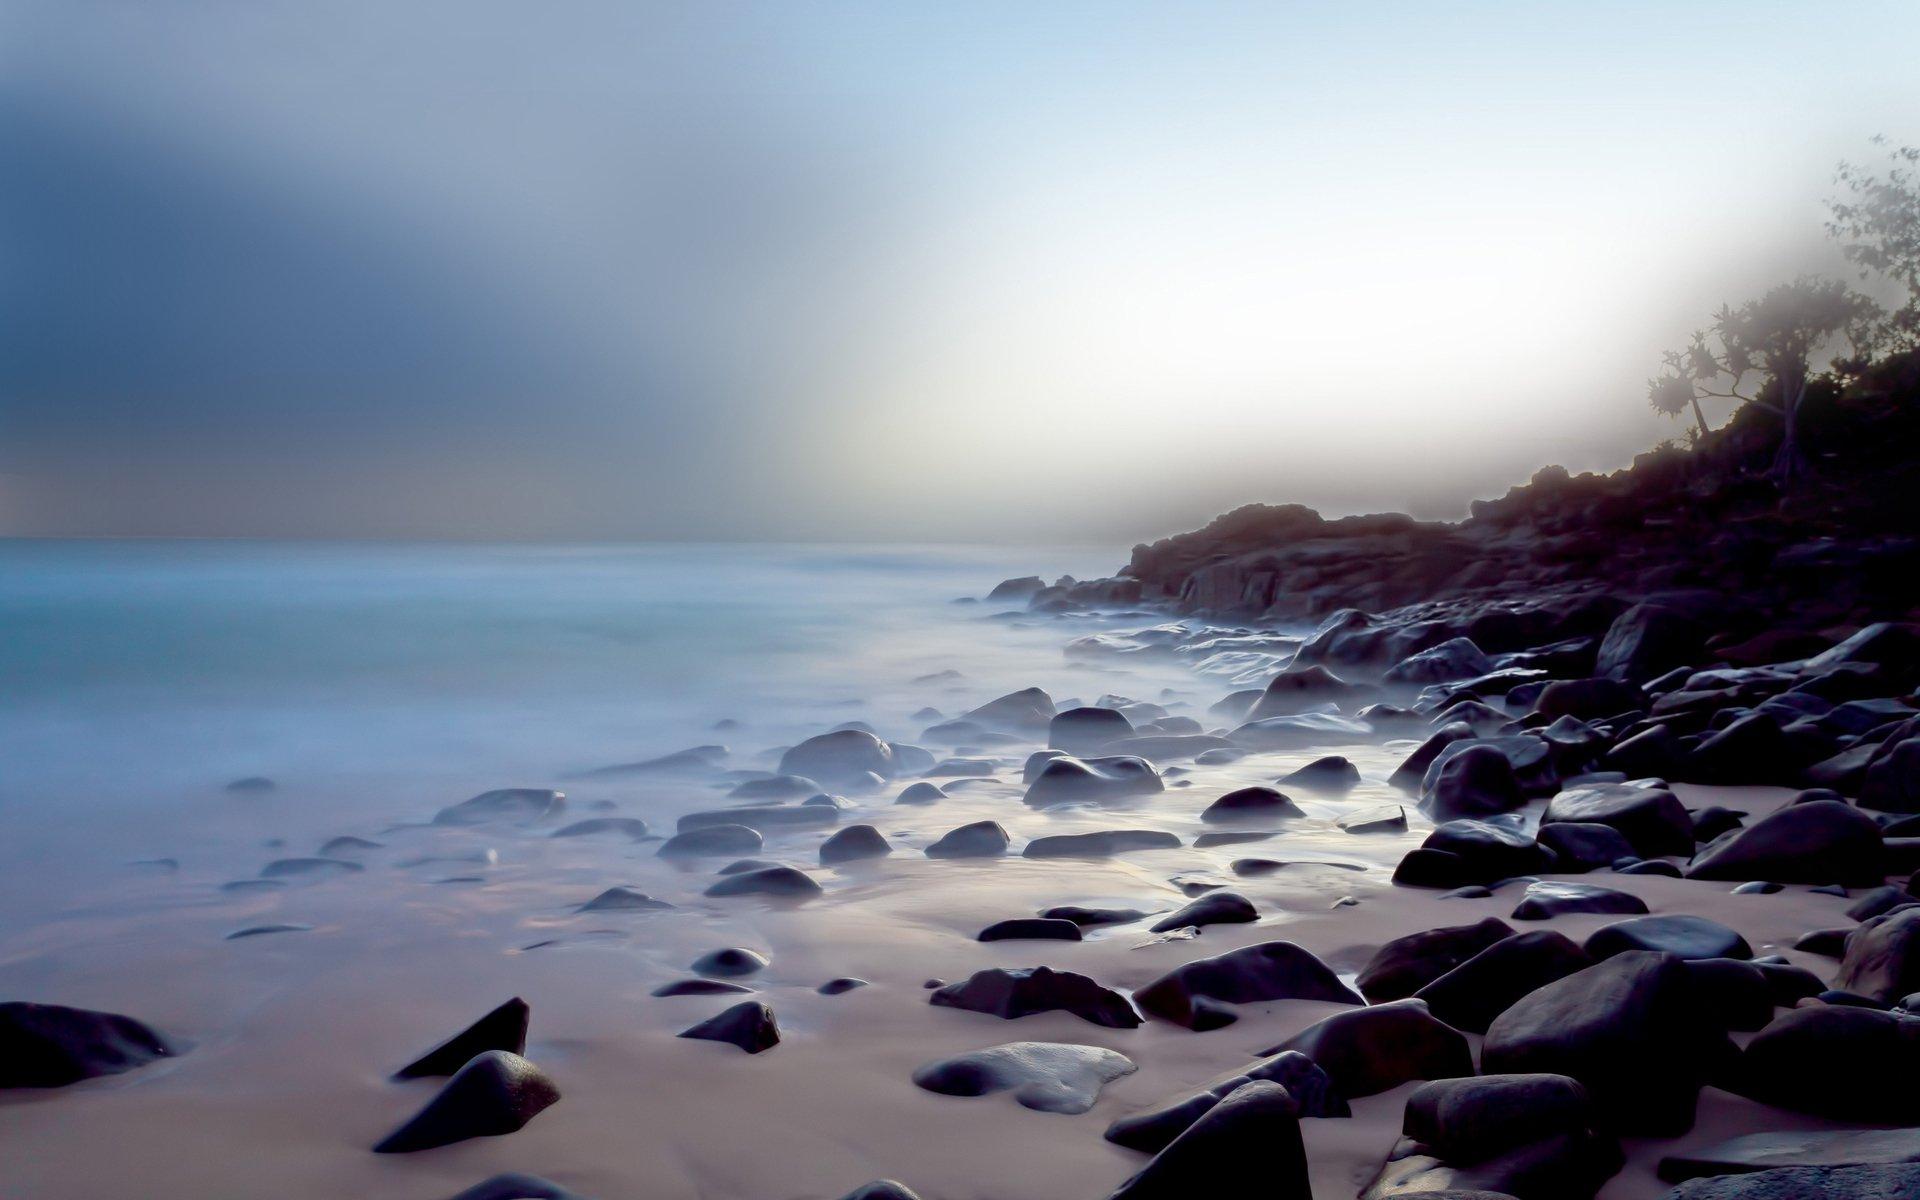 Earth - Beach  Coastline Ocean Shore Wallpaper